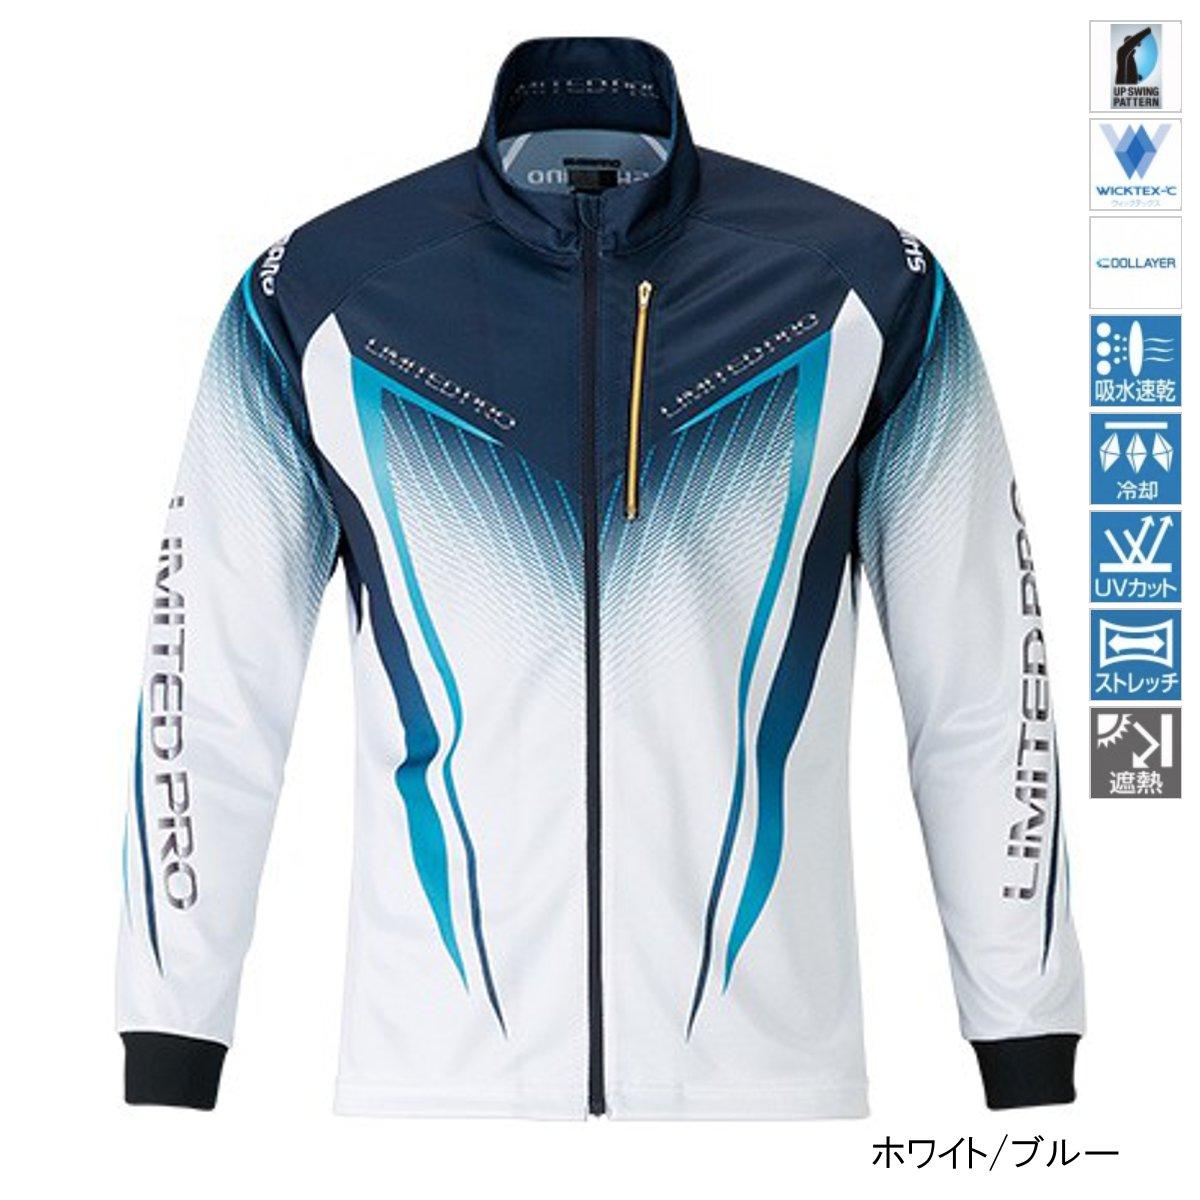 シマノ フルジップシャツLIMITED PRO(長袖) SH-011S XL ホワイト/ブルー【送料無料】